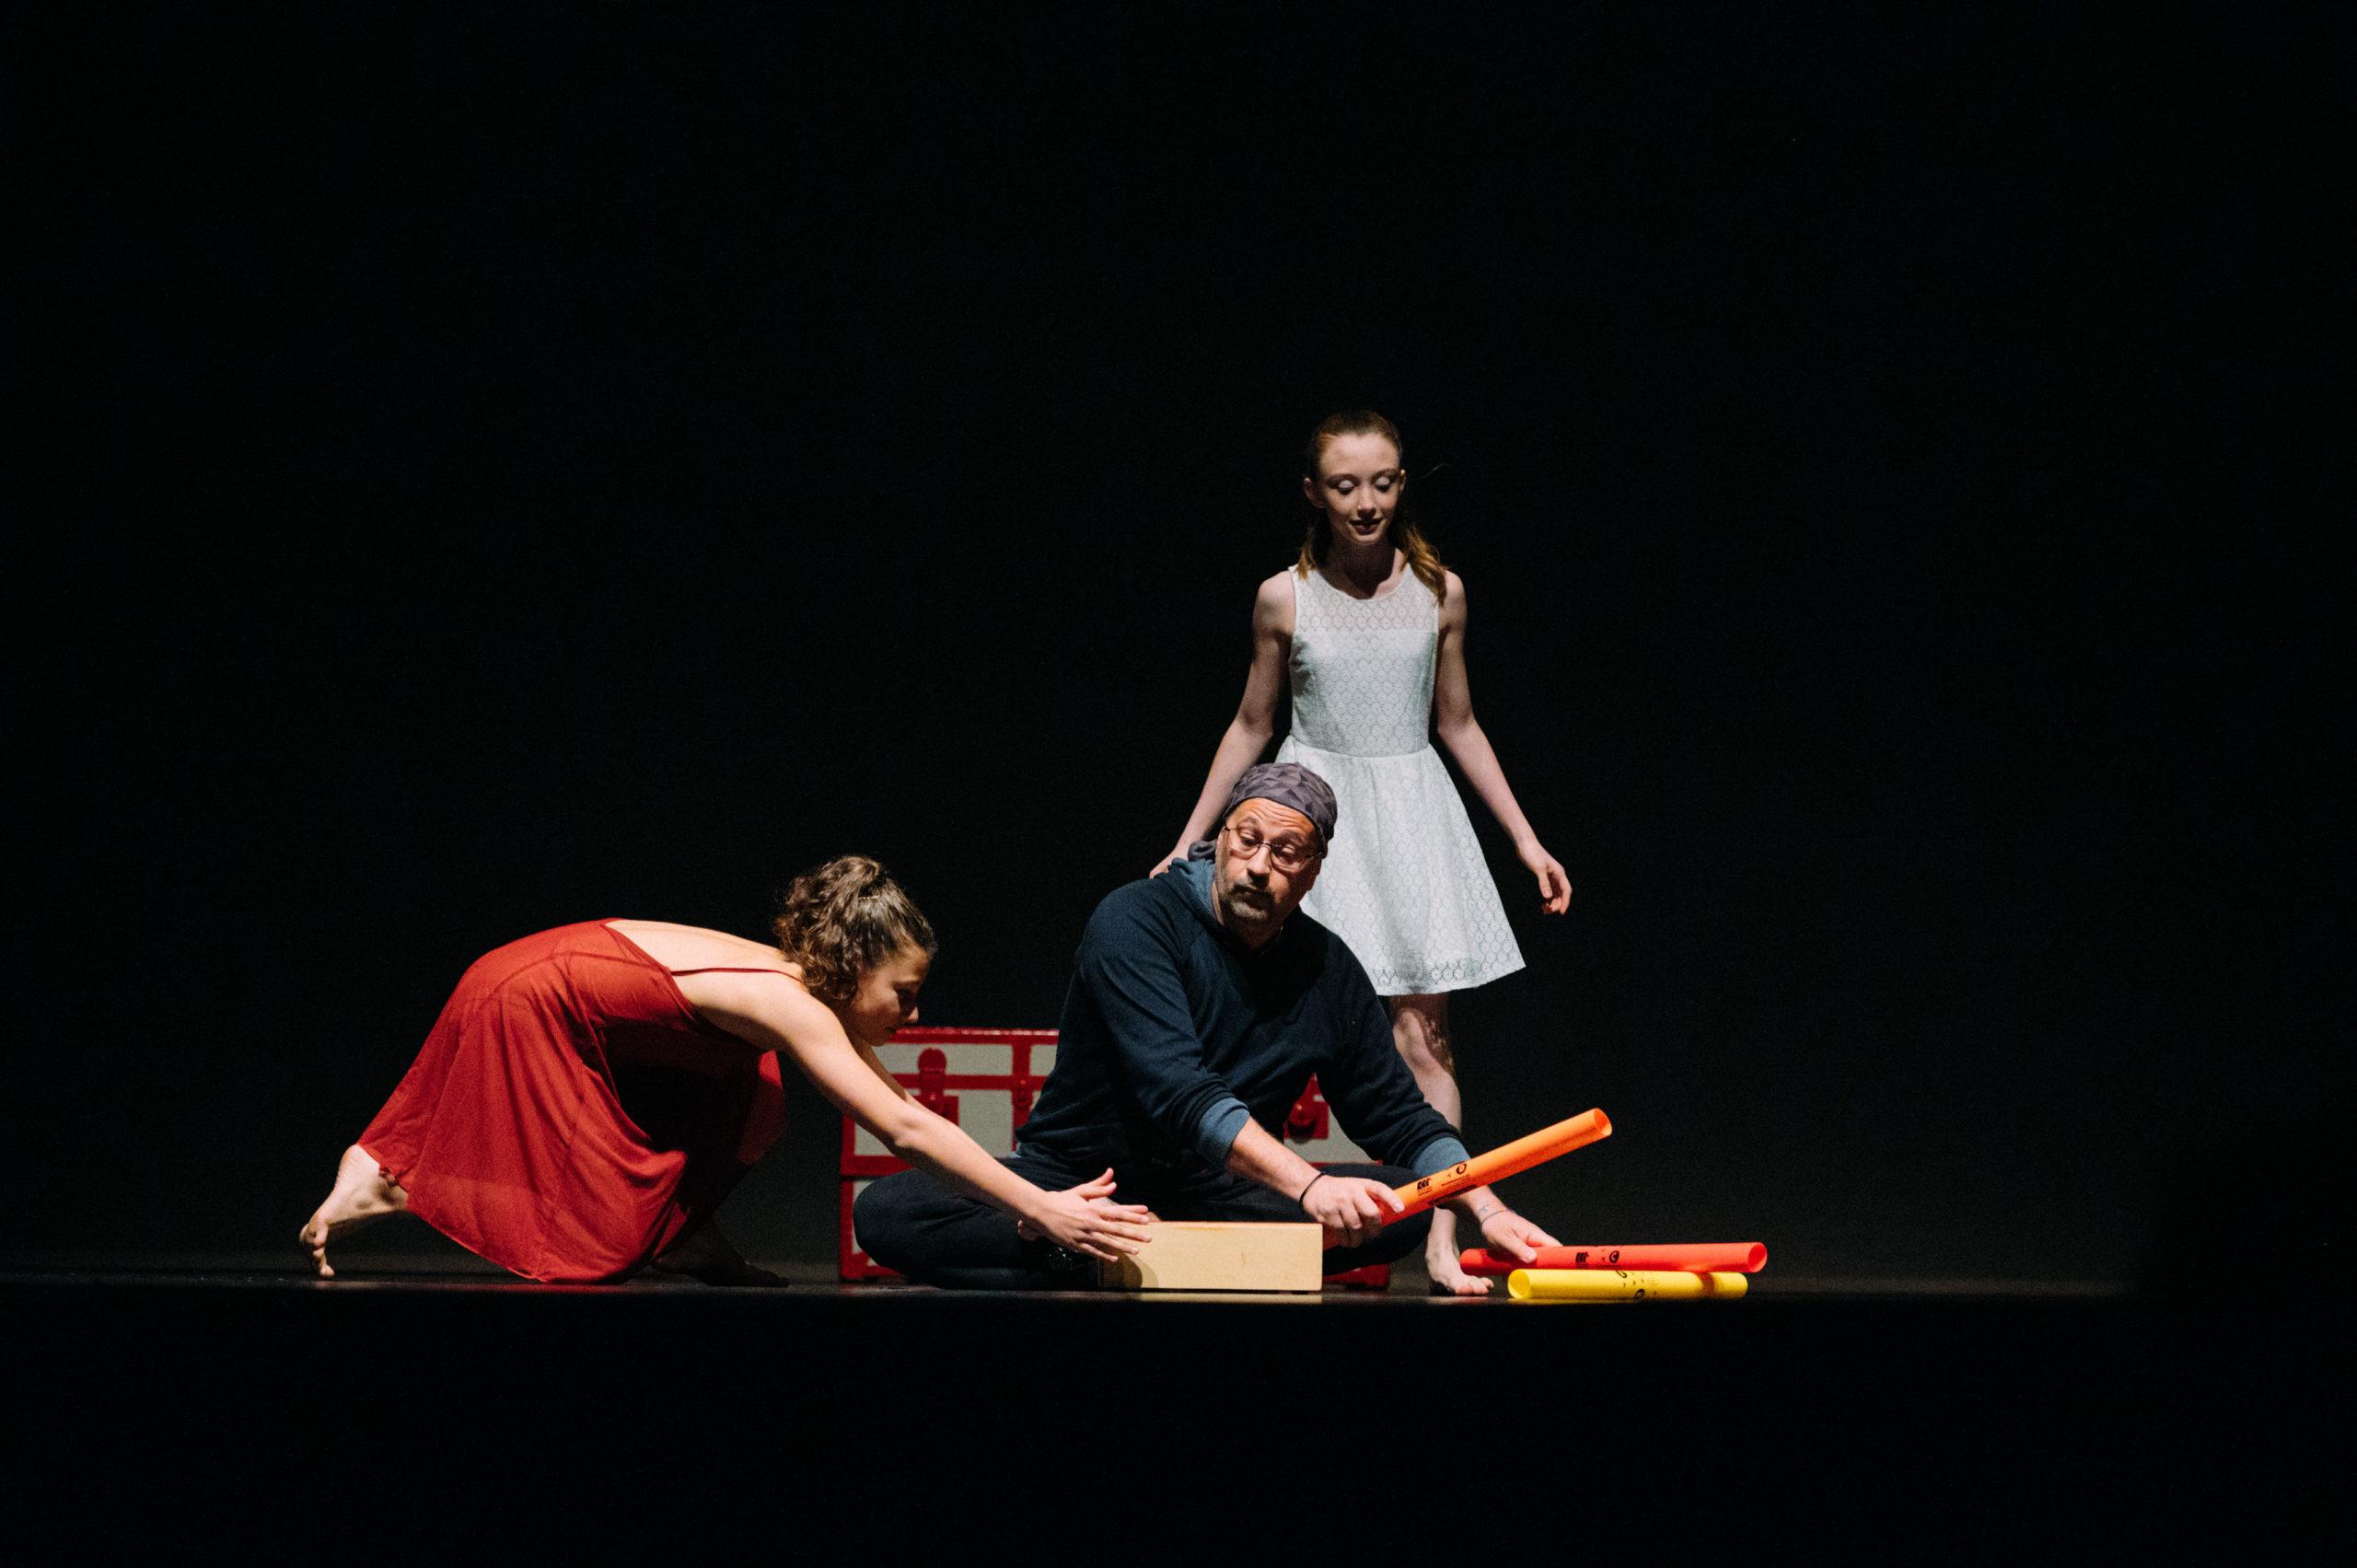 Danza e musica bimbi - Percorso ludico didattico EC Junior - Performance Novi Ligure 2019 - Live Music